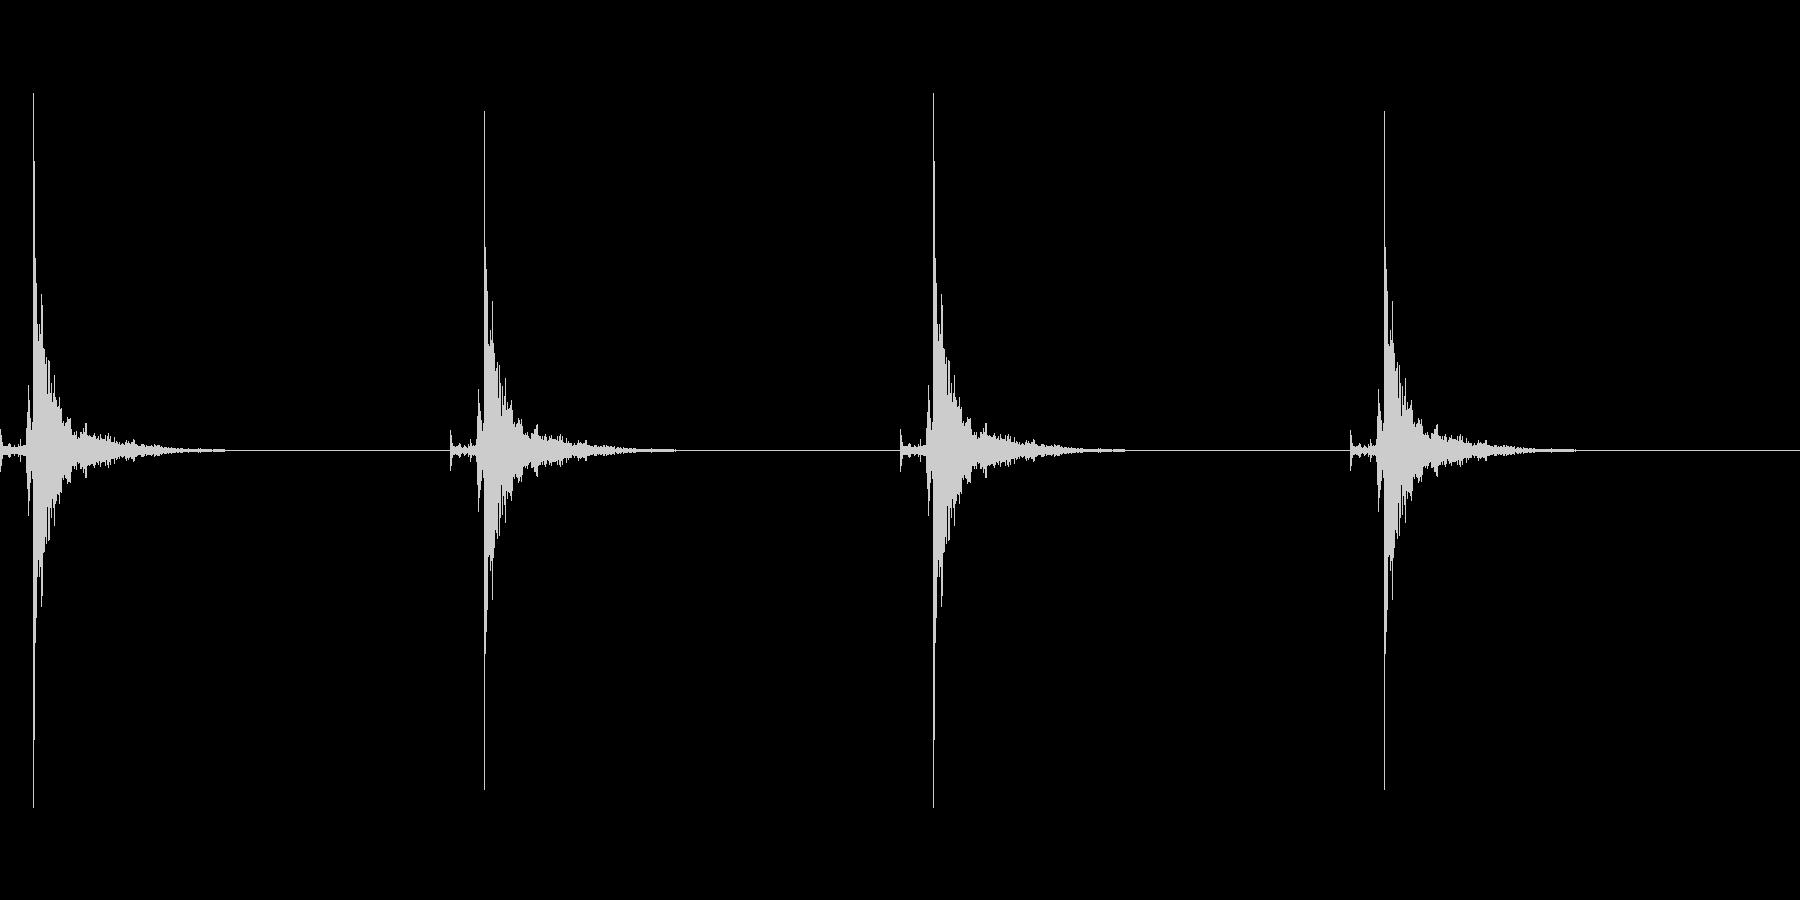 時計の秒針の音 2 大きな時計の未再生の波形